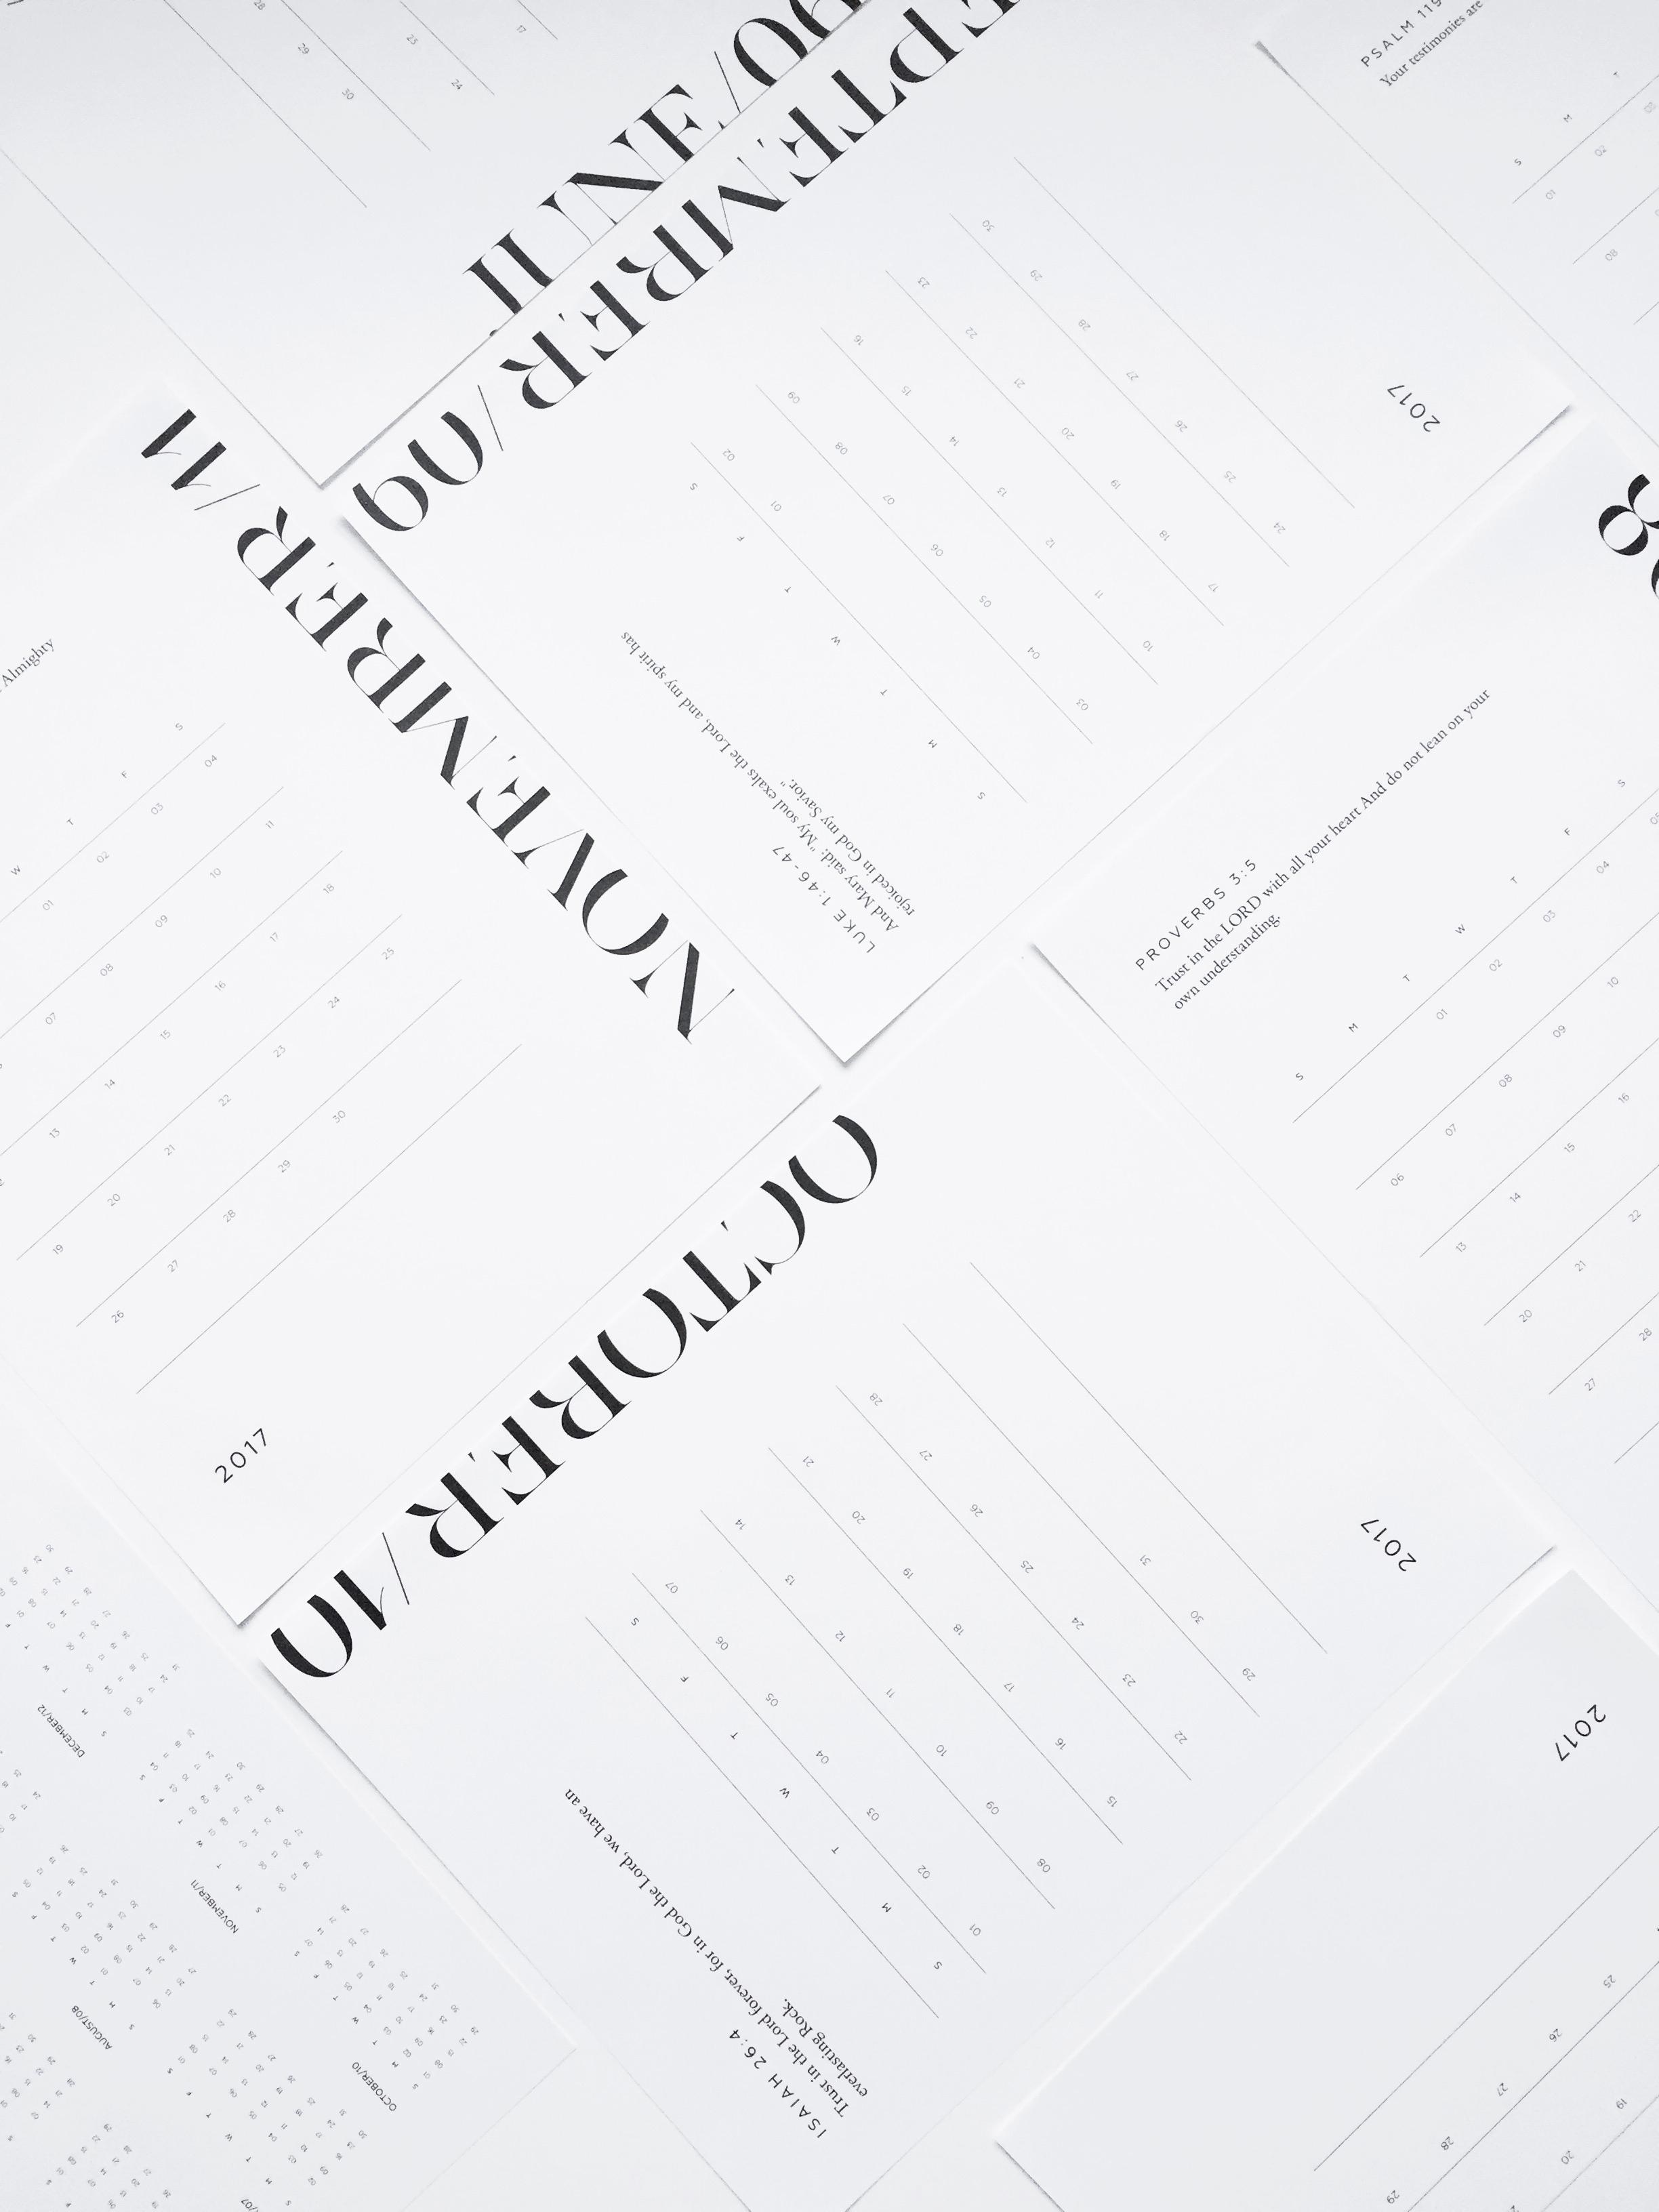 KSC+Calendar+Details+02.jpg